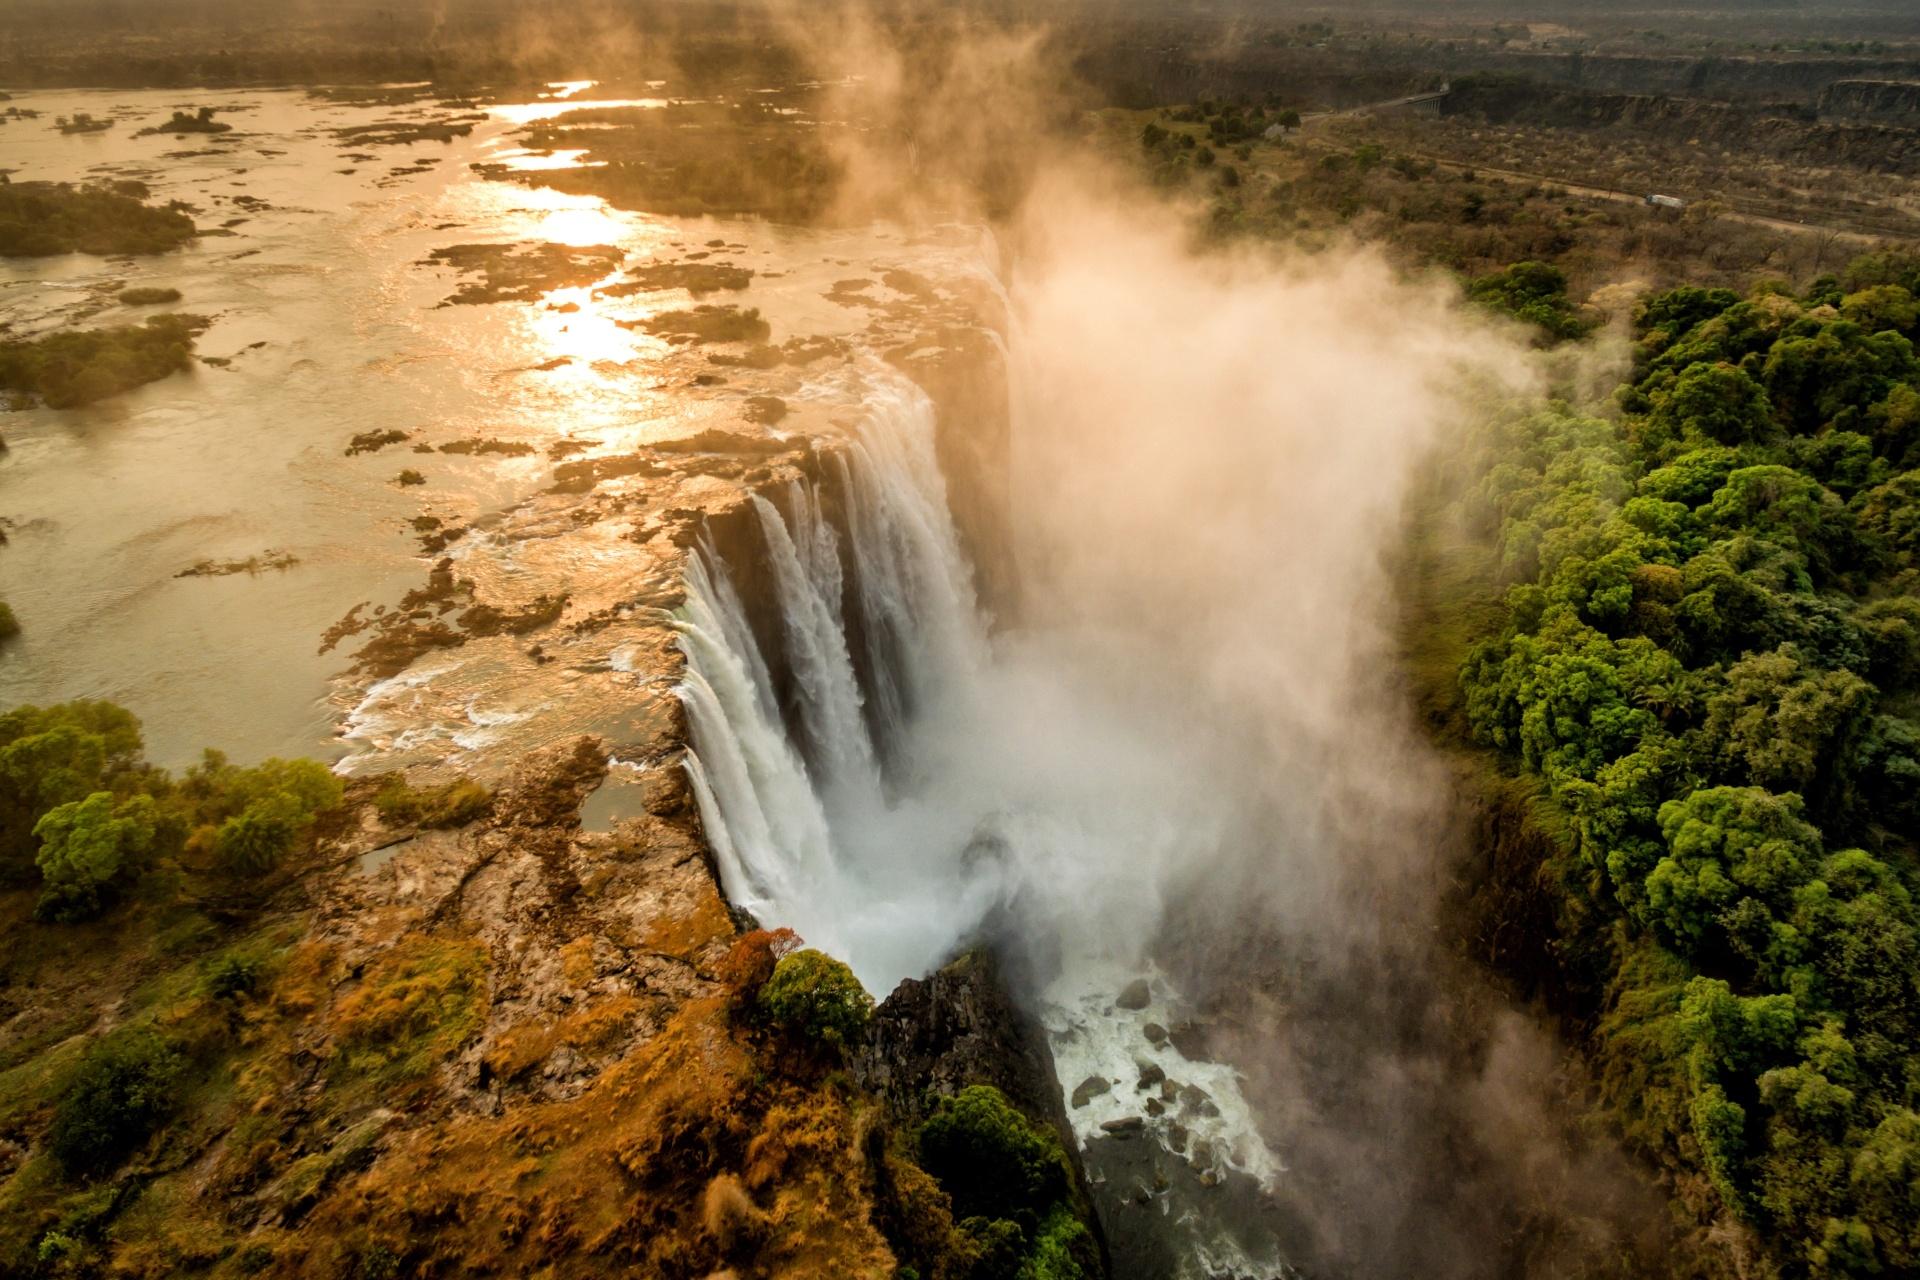 朝の光の中のビクトリア滝 アフリカの風景